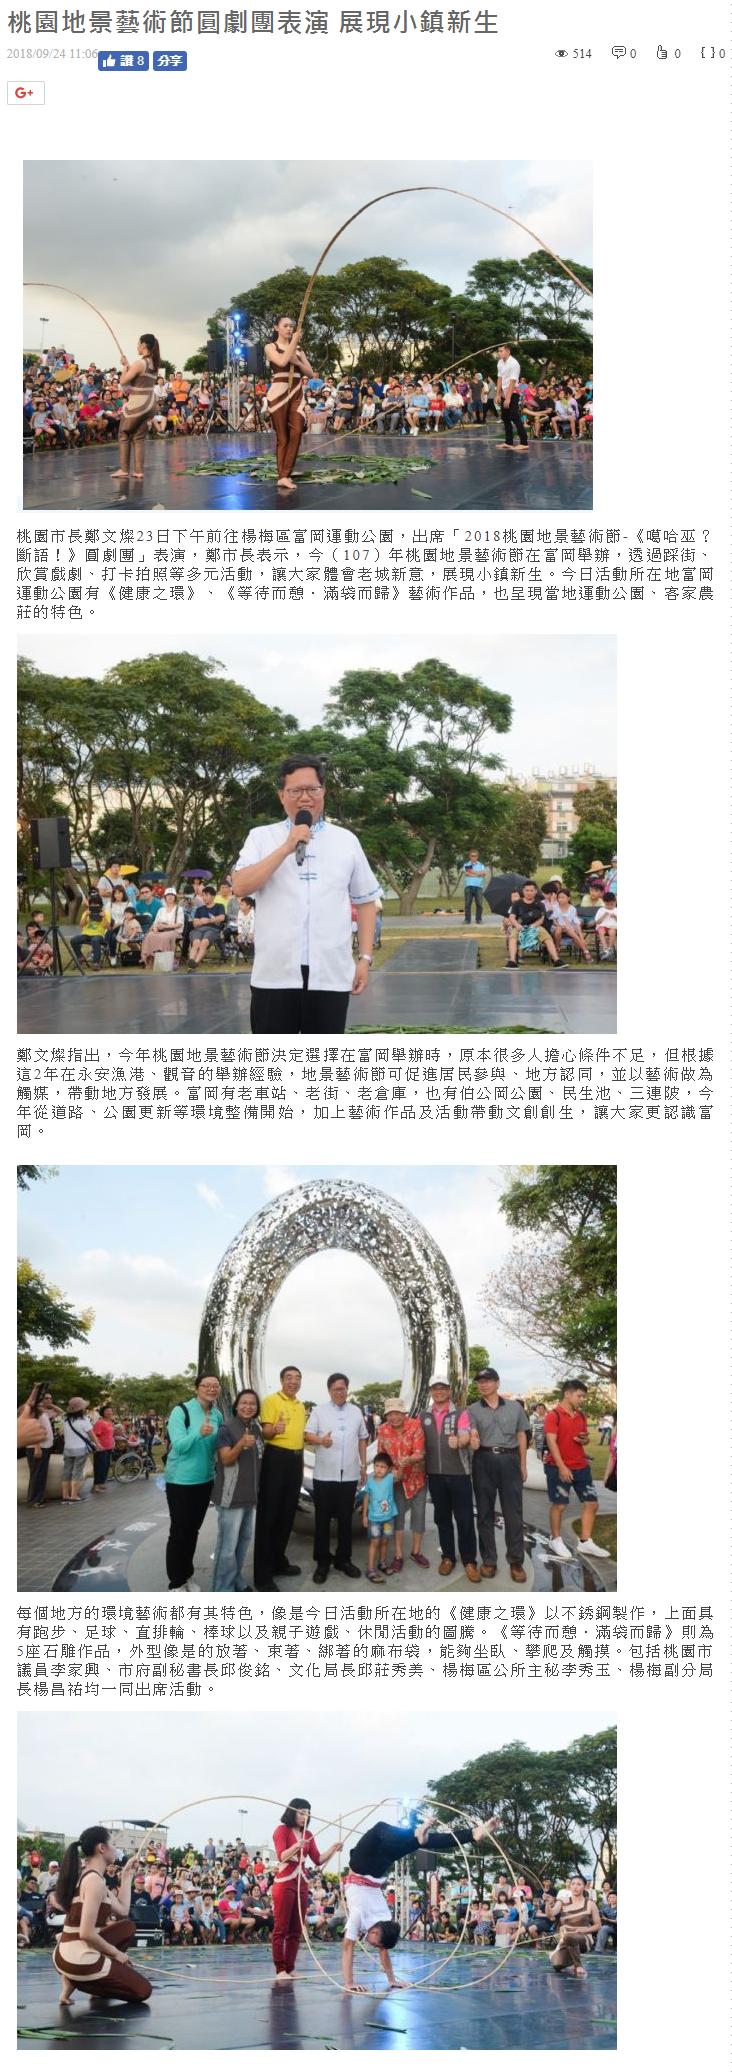 桃園地景藝術節圓劇團表演 展現小鎮新生